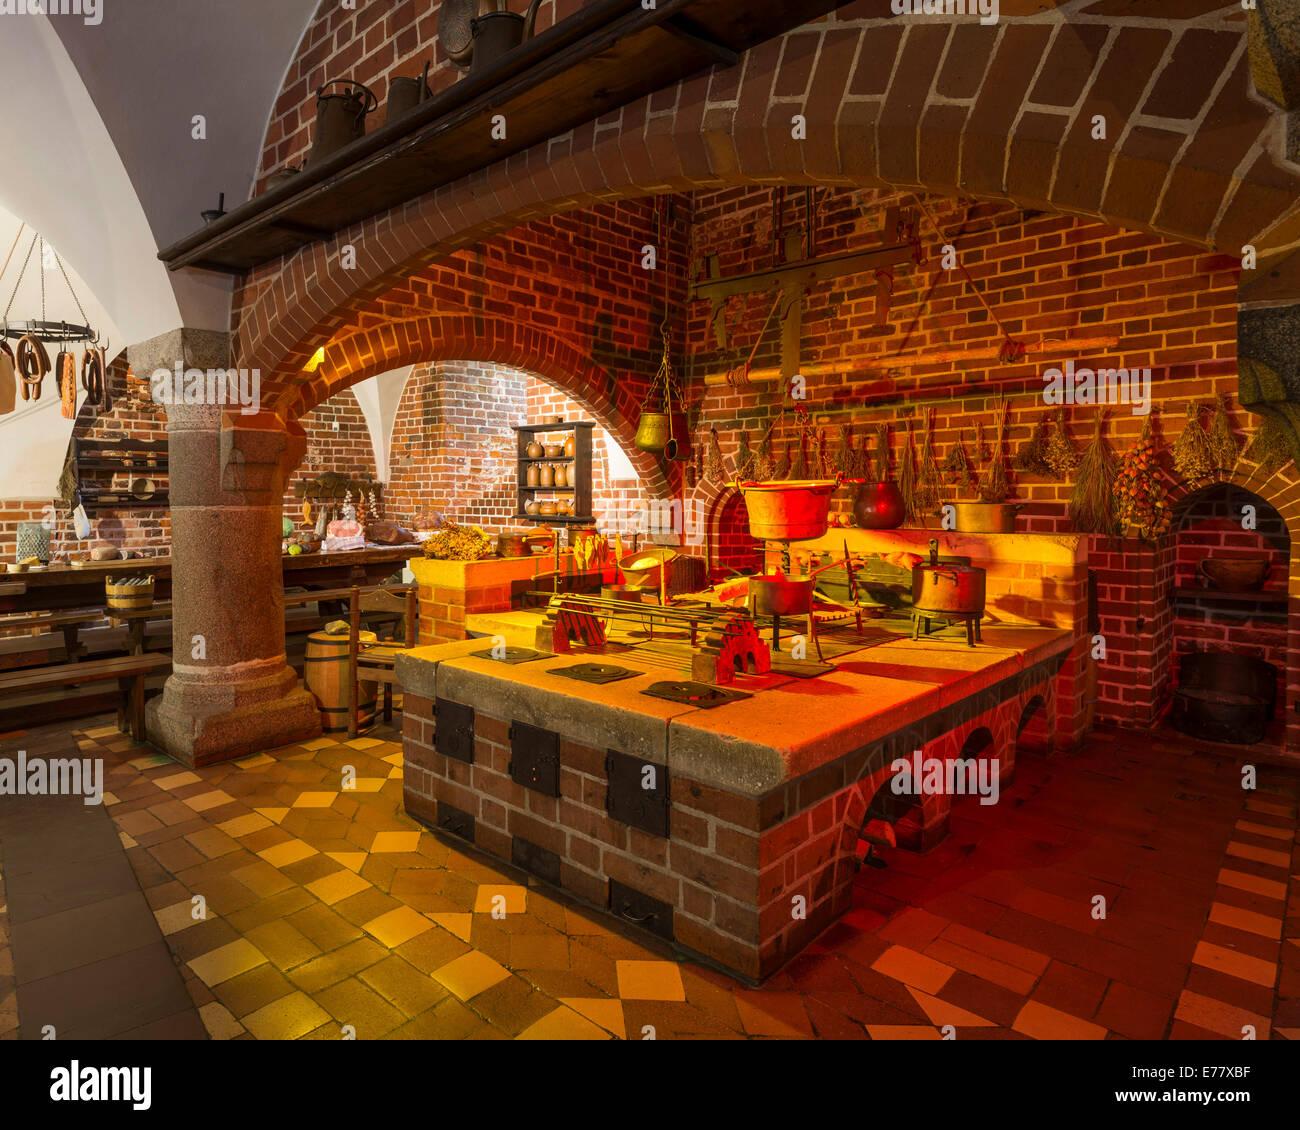 Medieval Kitchen Malbork Castle Pomeranian Voivodeship Poland